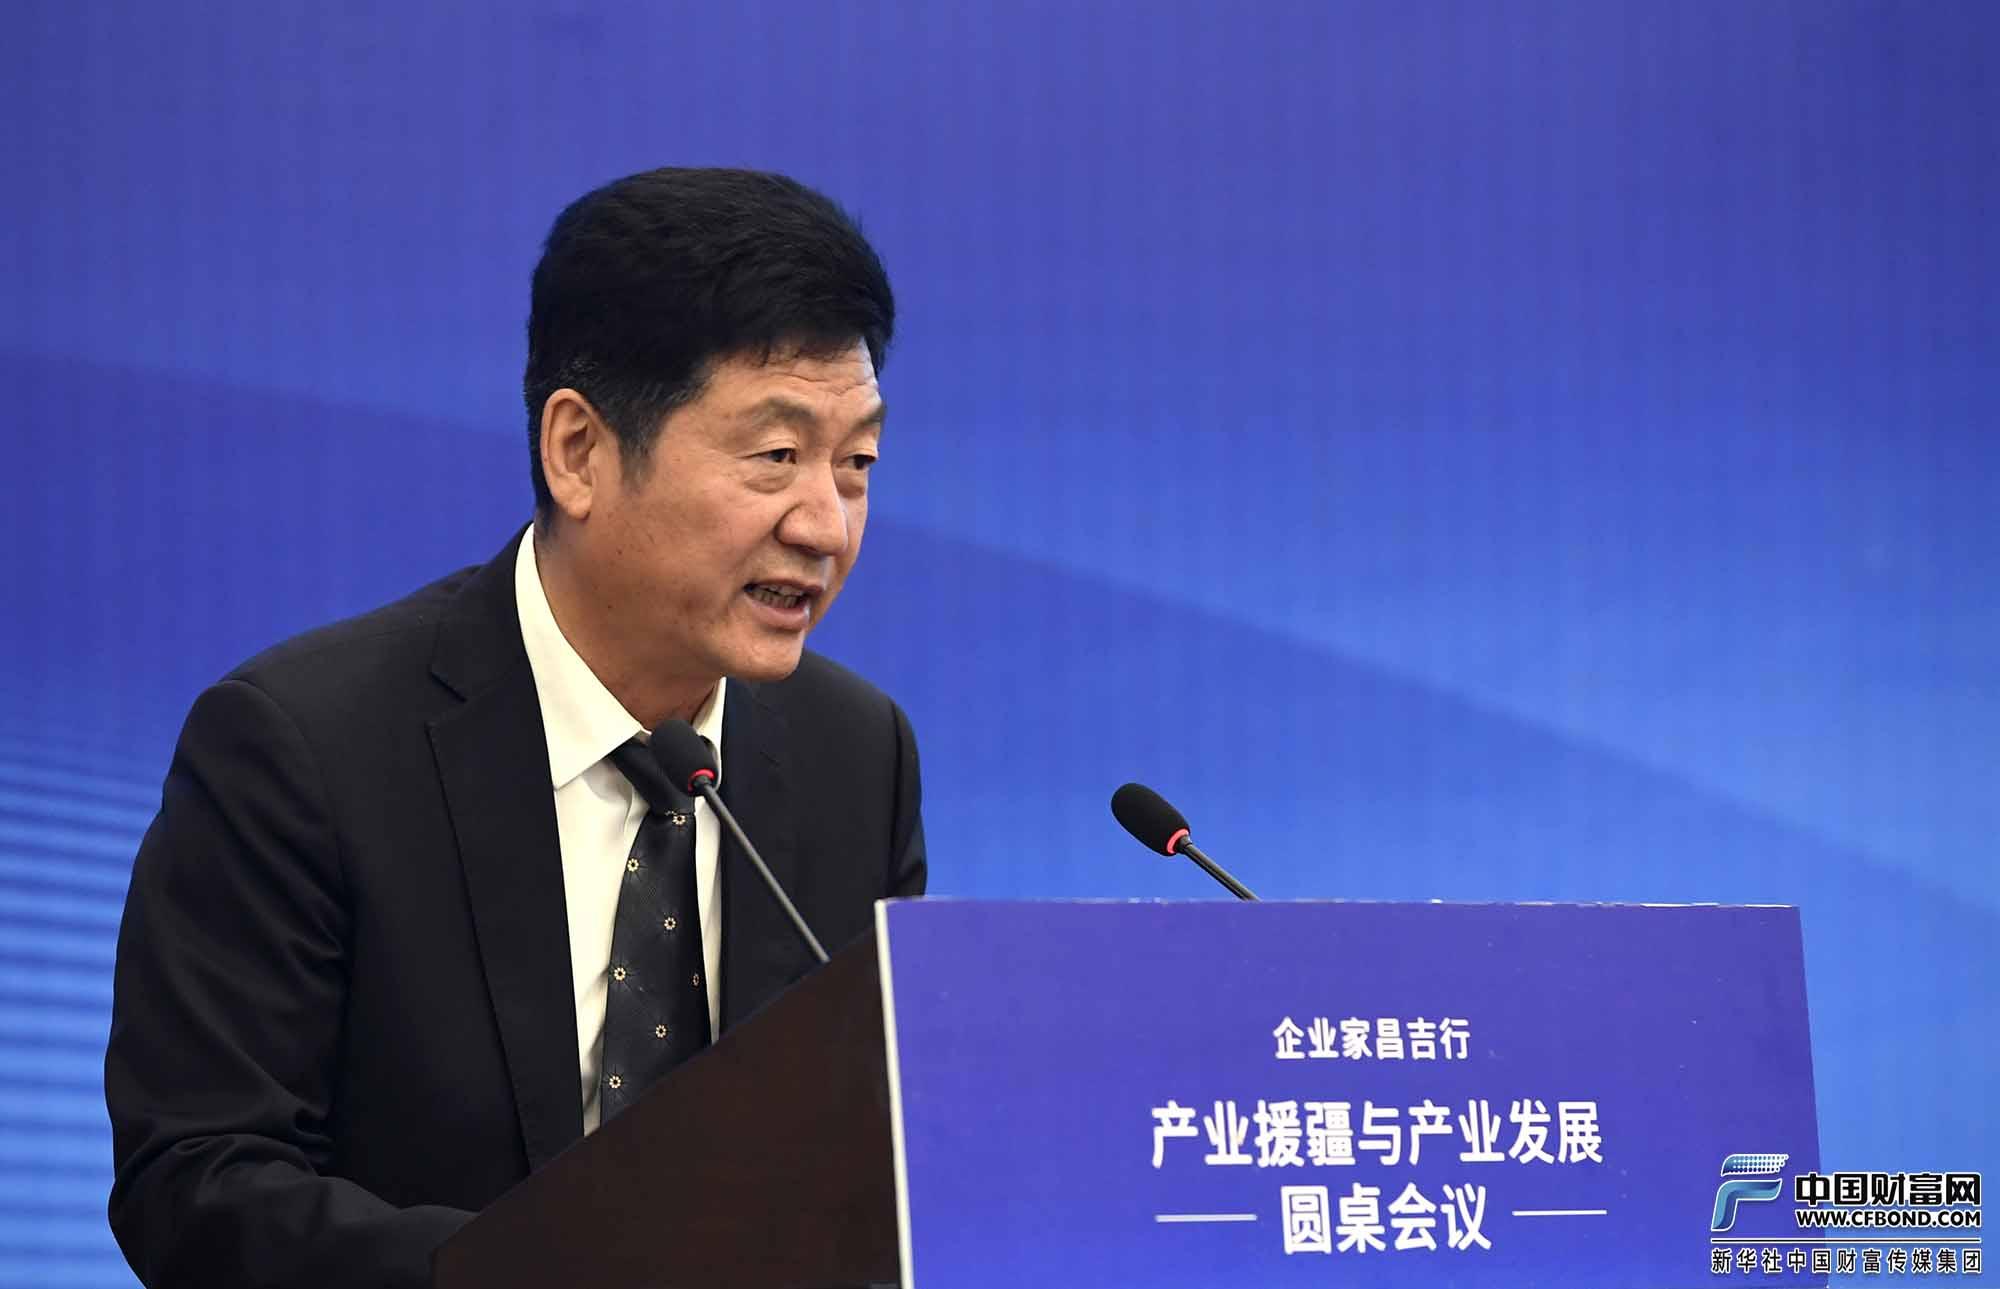 新疆维吾尔自治区政协副主席马雄成讲话